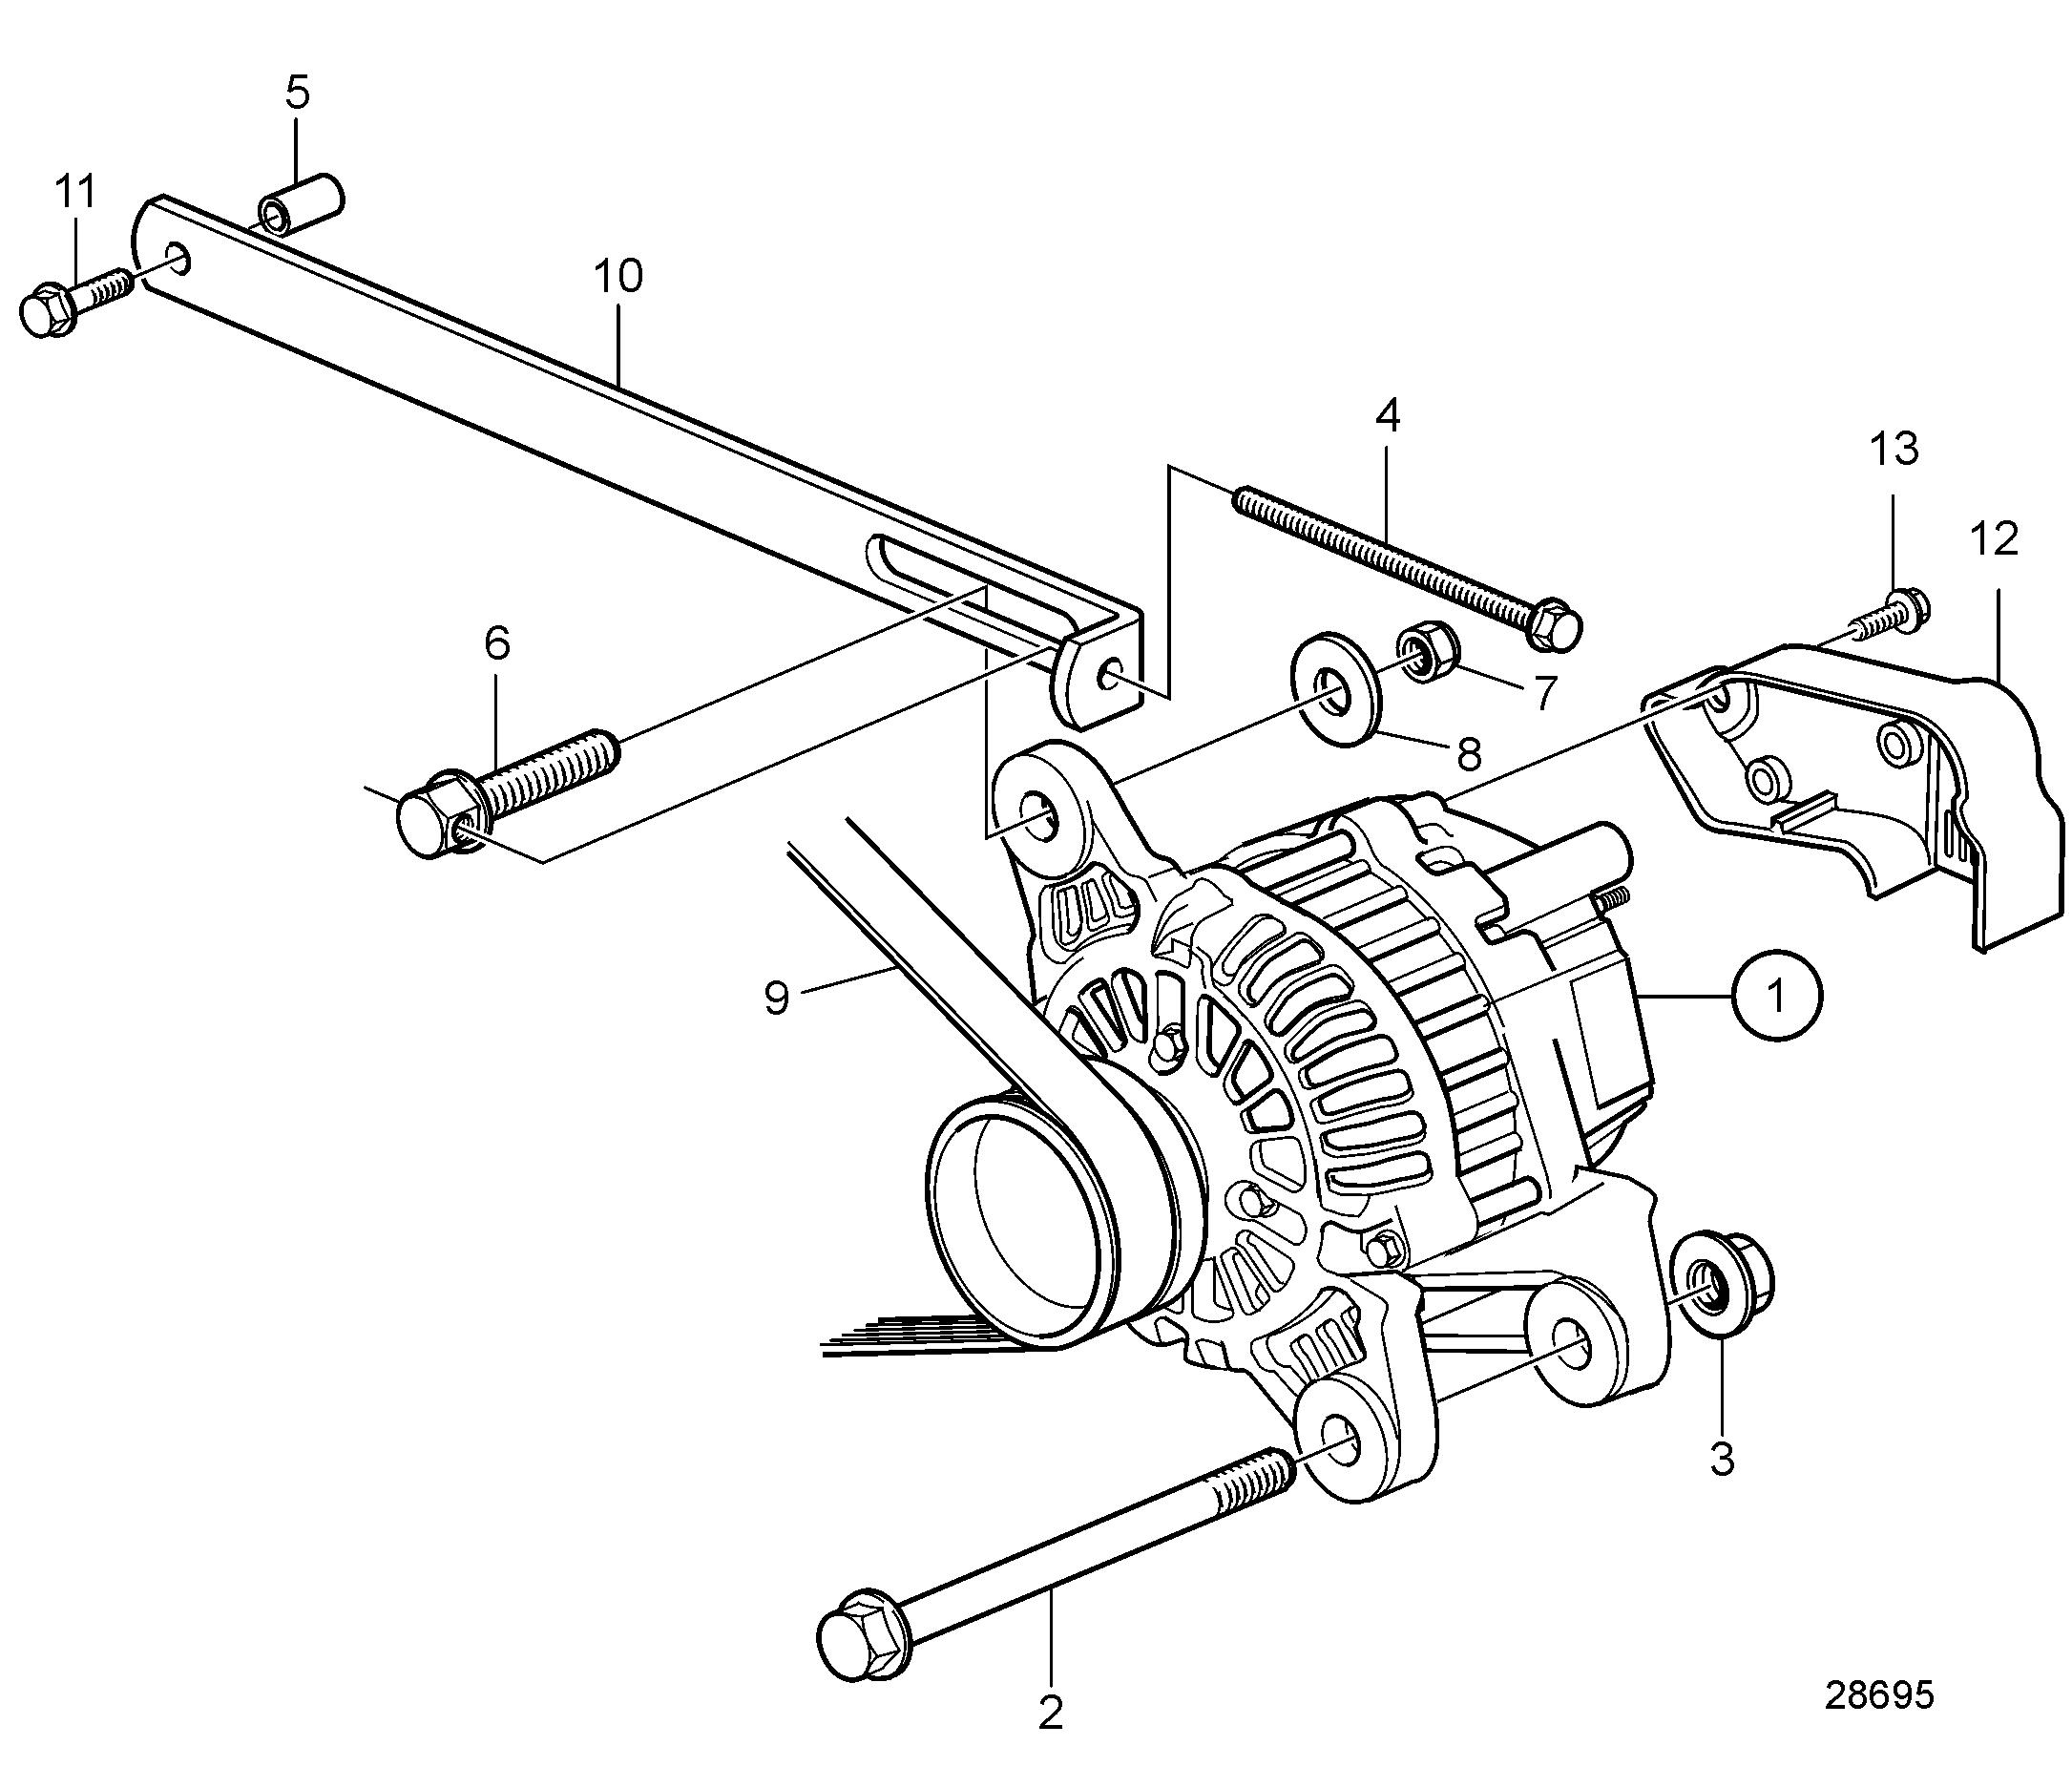 Diagram  Wiring A Trailer U0026 Plug Wiring Diagram Full